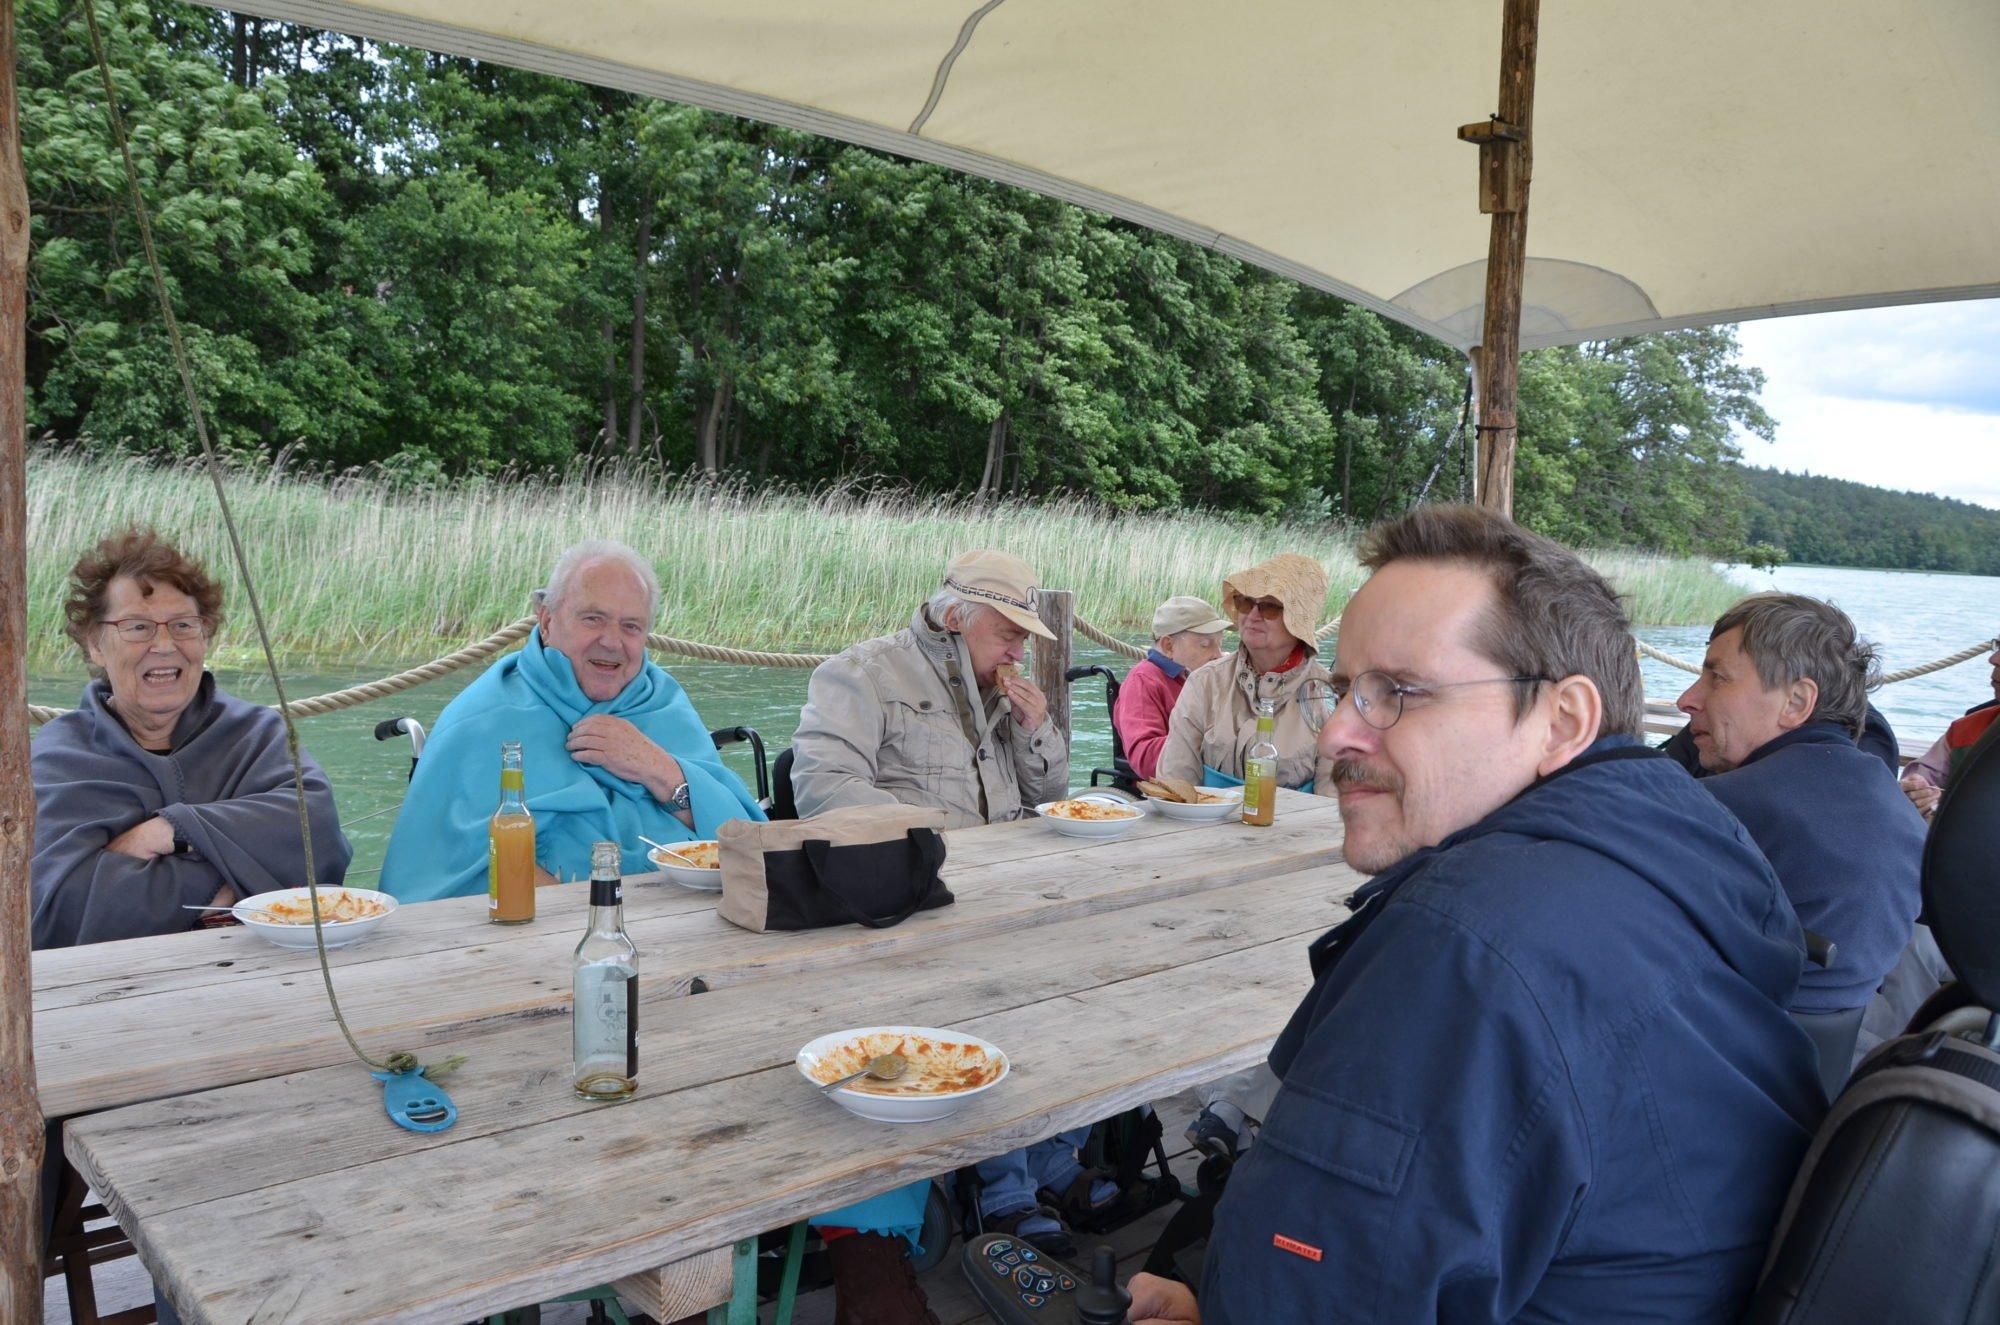 Die Laune in der Gruppe ist bestens. Alle sitzen mit Jacken und Decken auf dem Floß.